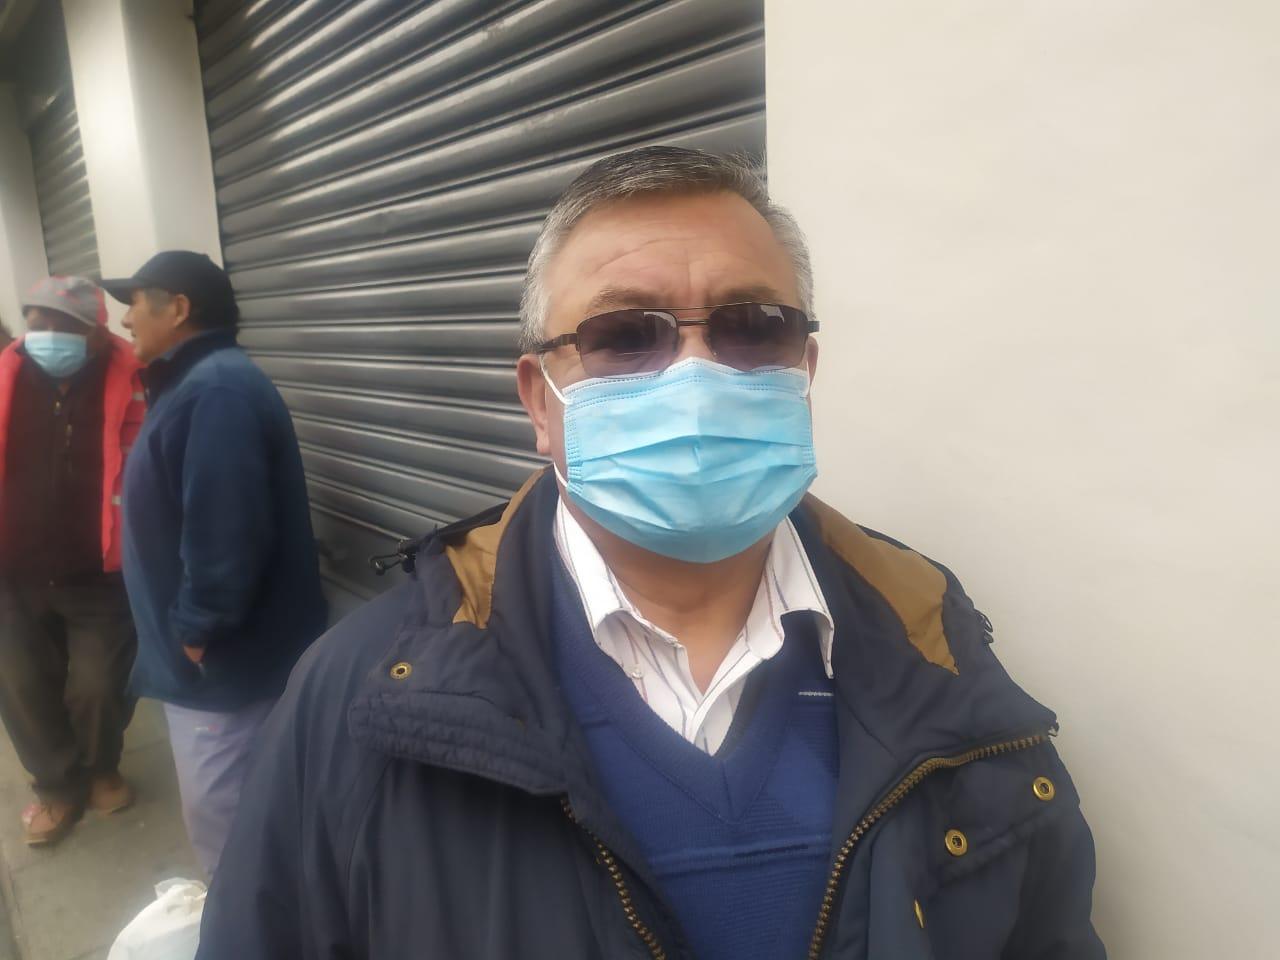 Magisterio Urbano aclara que no se iniciarán las clases presenciales hasta que se vacune a la mayoría de la población